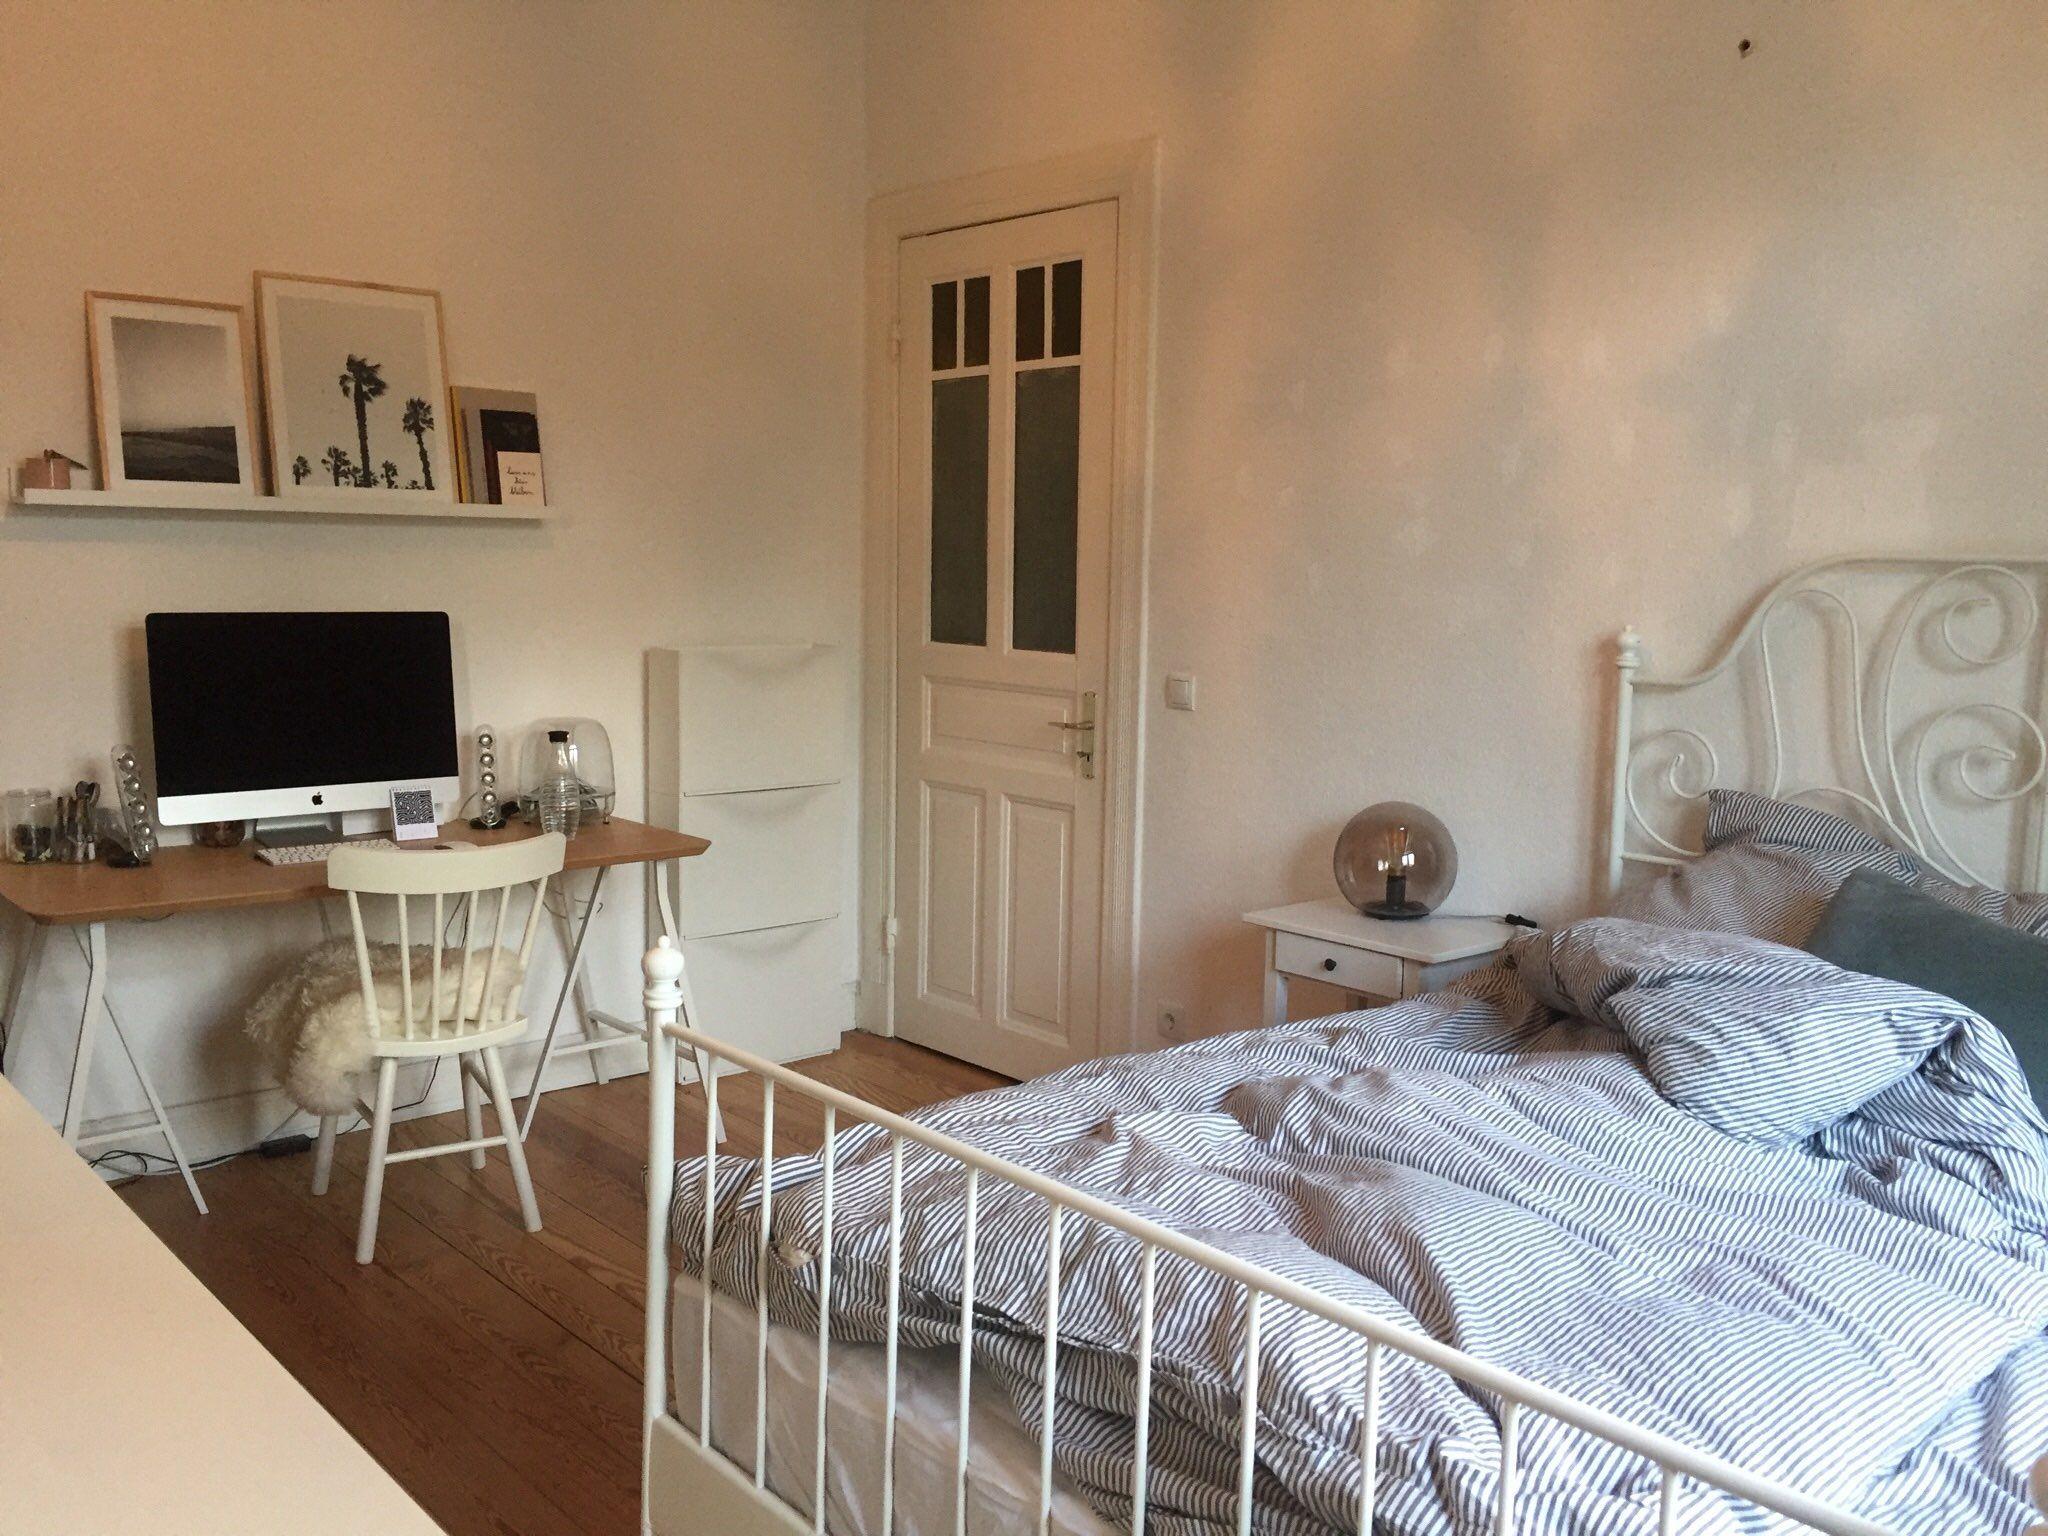 Wunderschönes Zimmer im modernen Landhaus-Stil